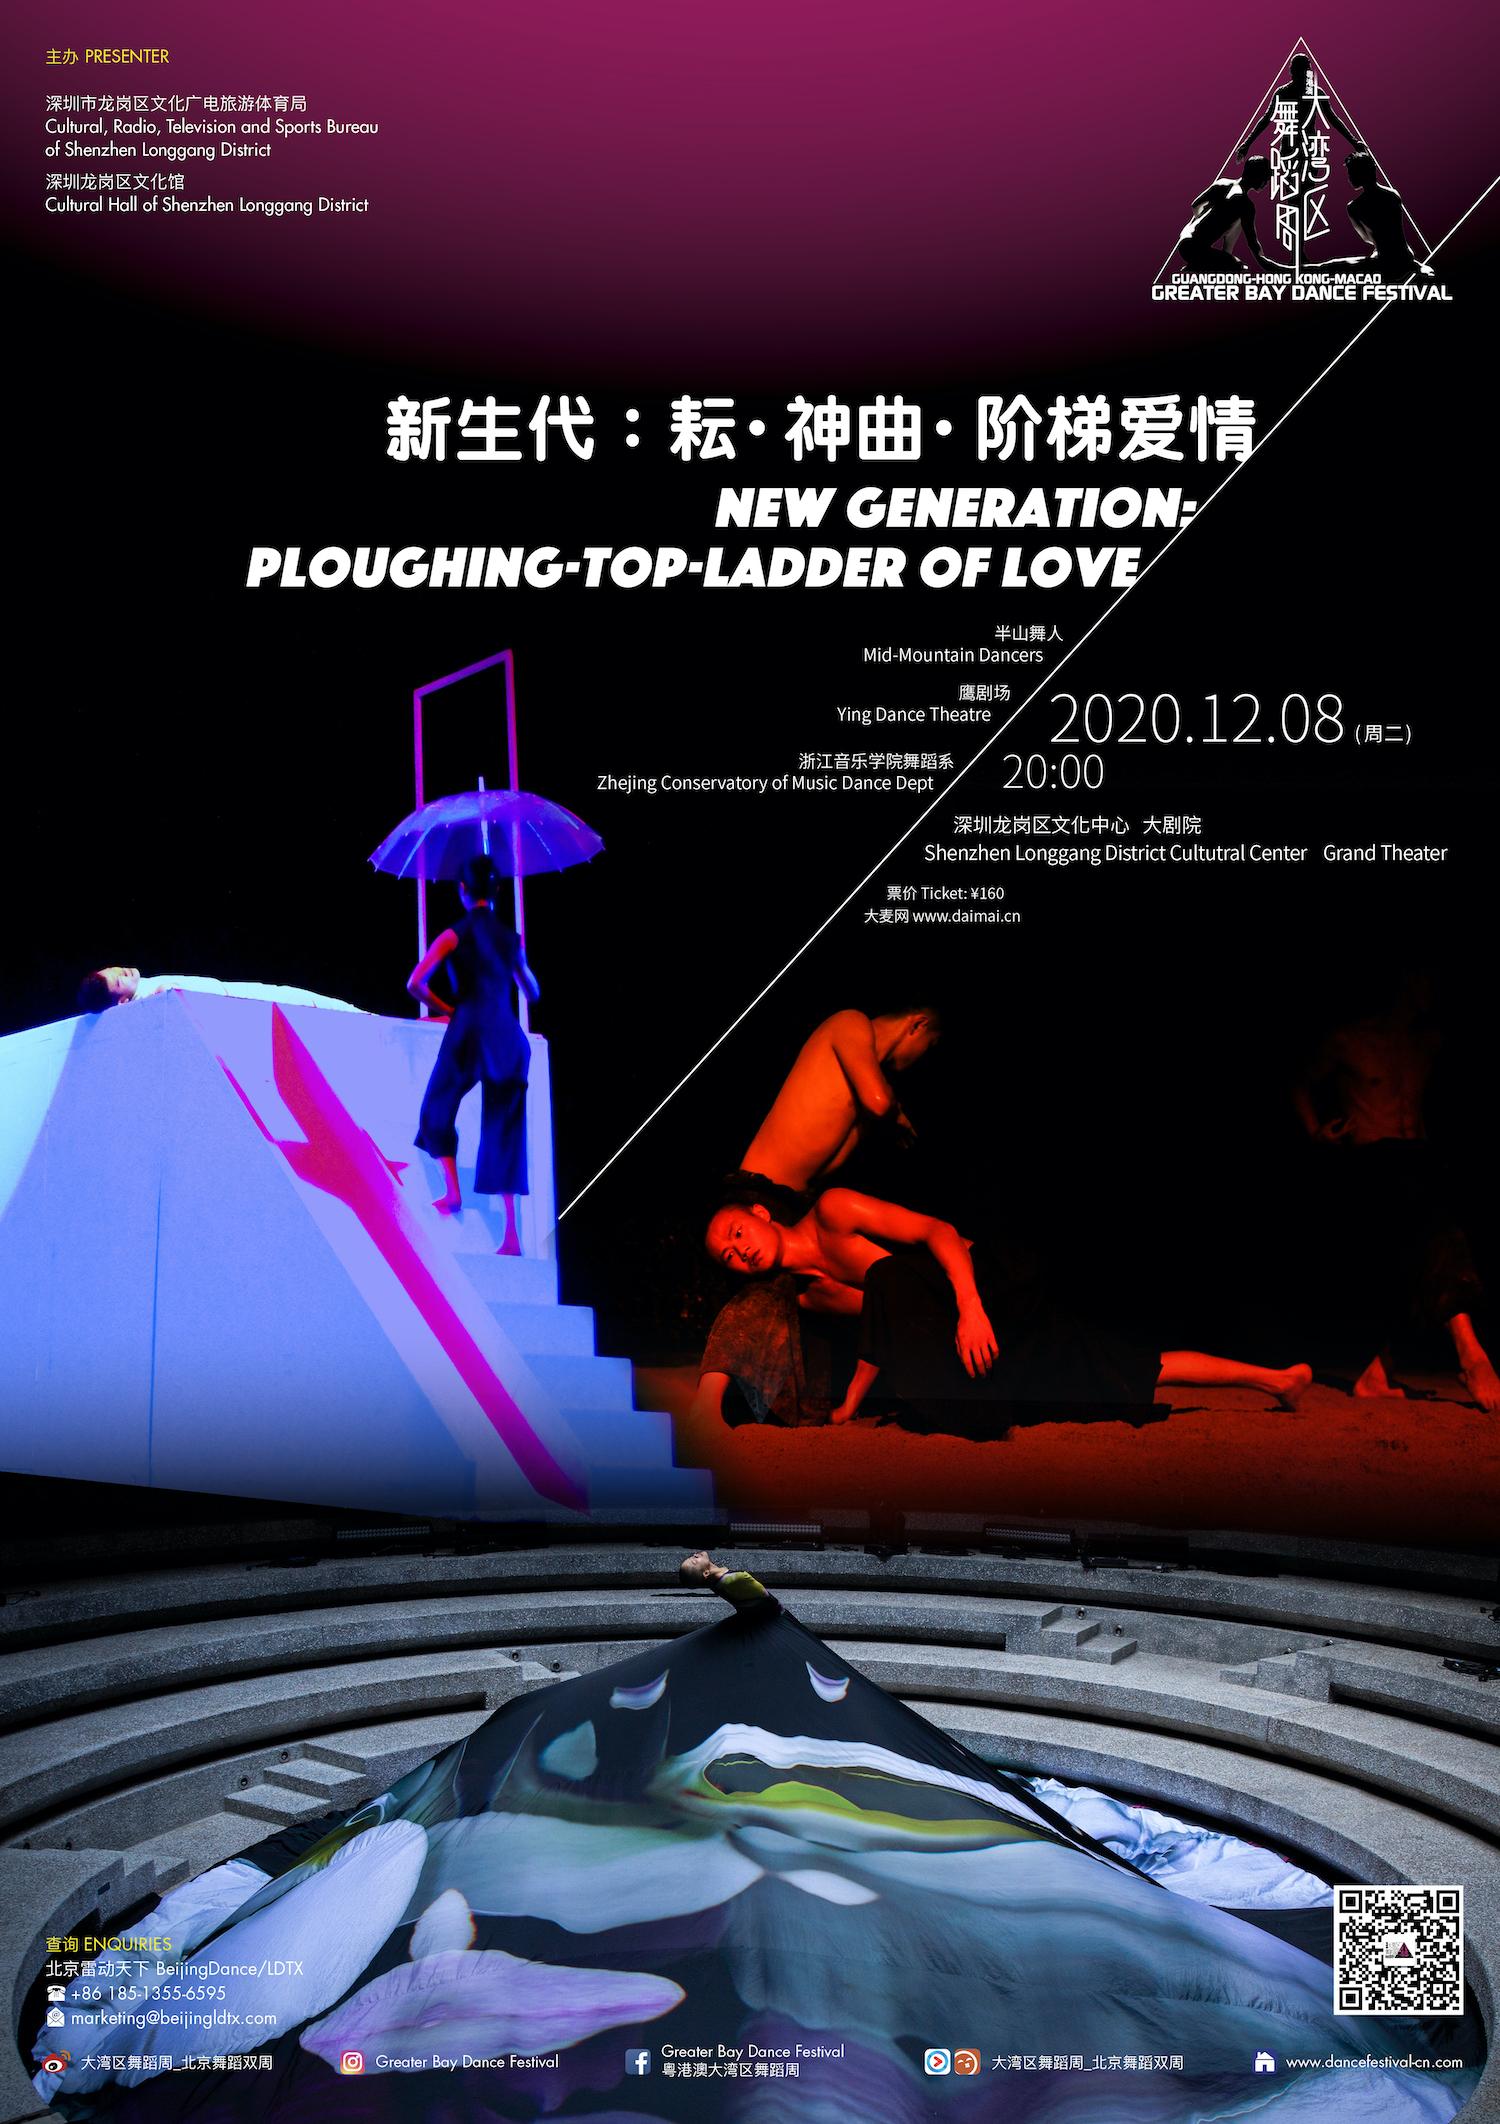 P-08_Poster_841x594_V2_2210.jpg